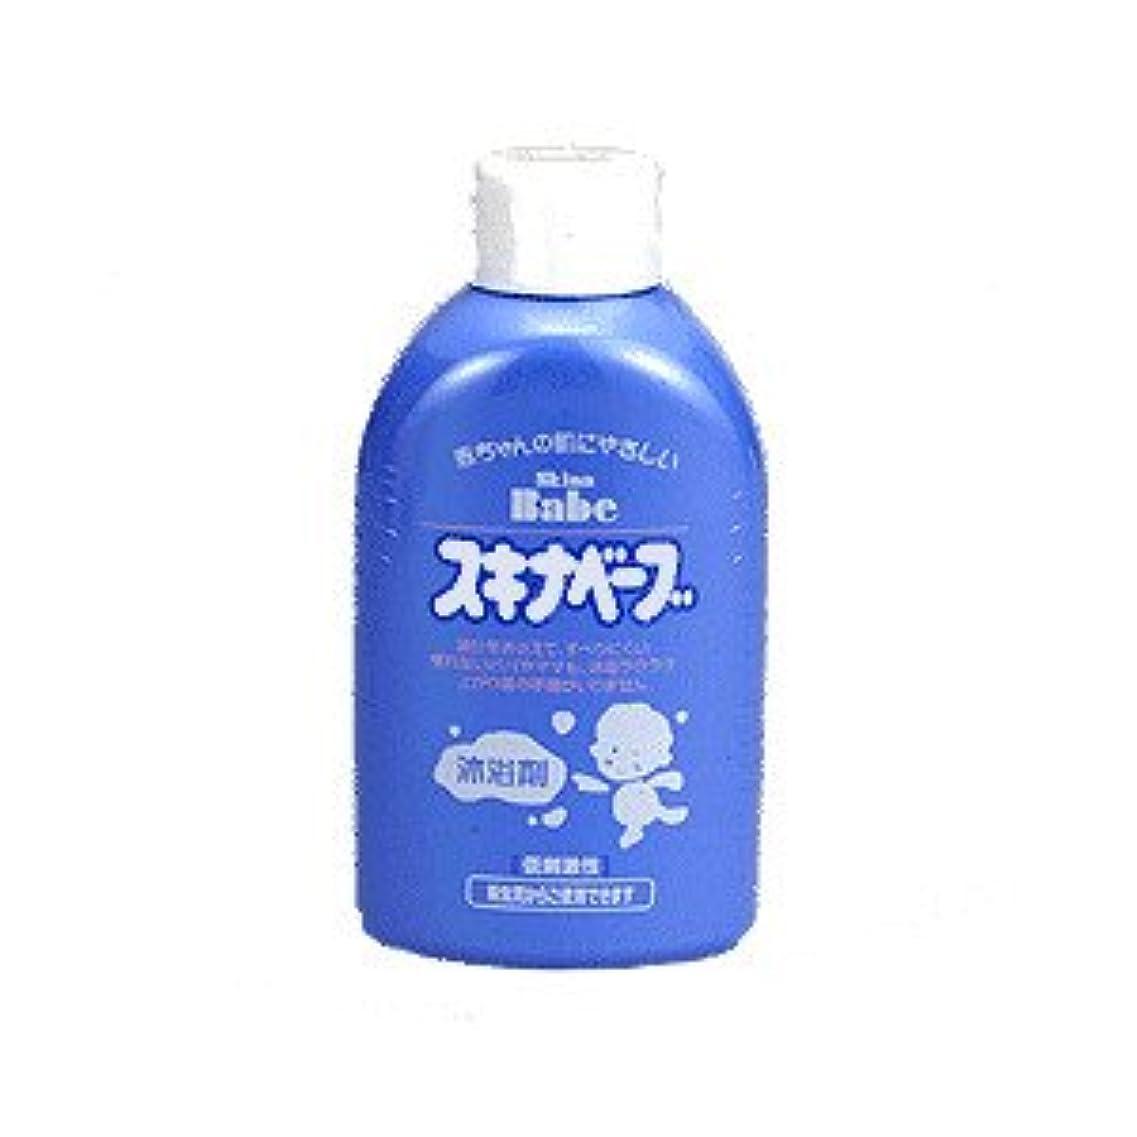 重要な役割を果たす、中心的な手段となる最初子猫(持田ヘルスケア)スキナベーブ 500ml(入浴剤)(医薬部外品)(お買い得3個セット)